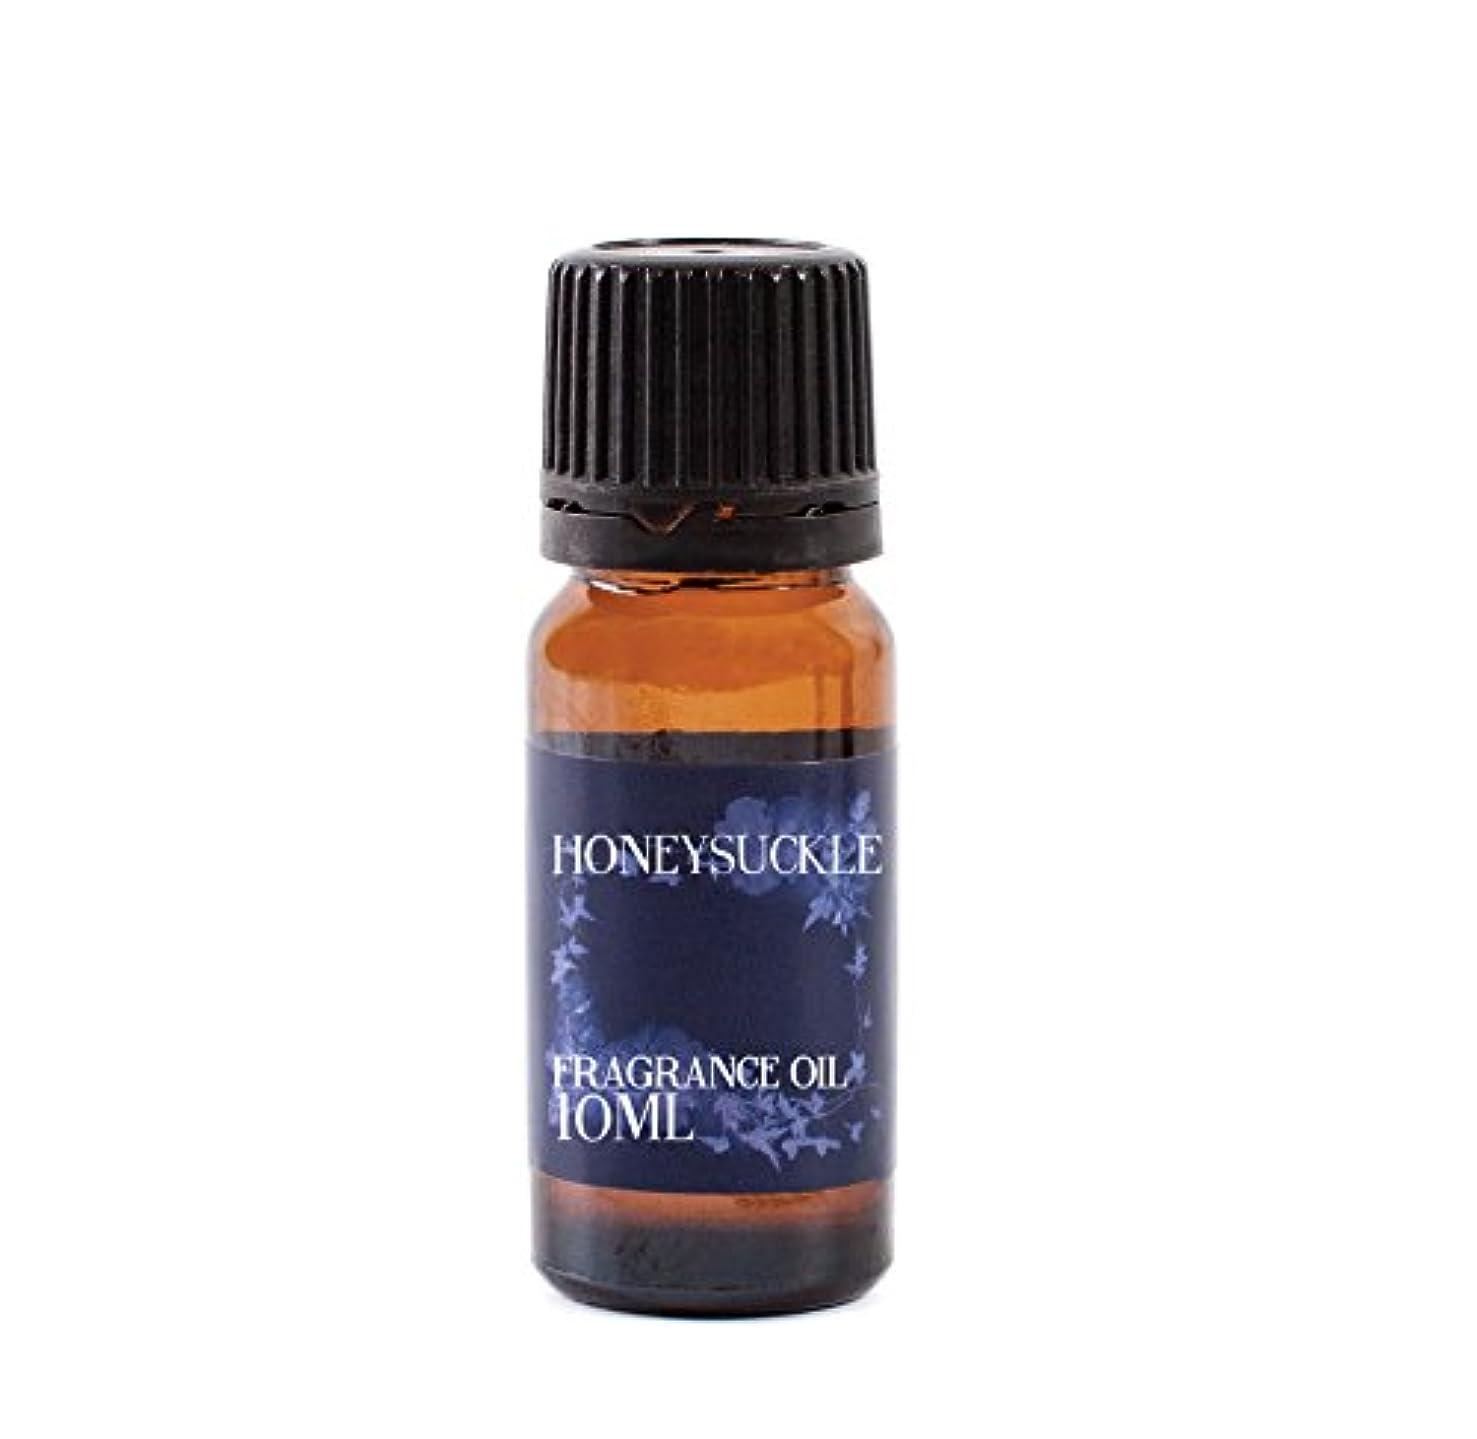 保守可能万一に備えて磨かれたMystic Moments | Honeysuckle Fragrance Oil - 10ml